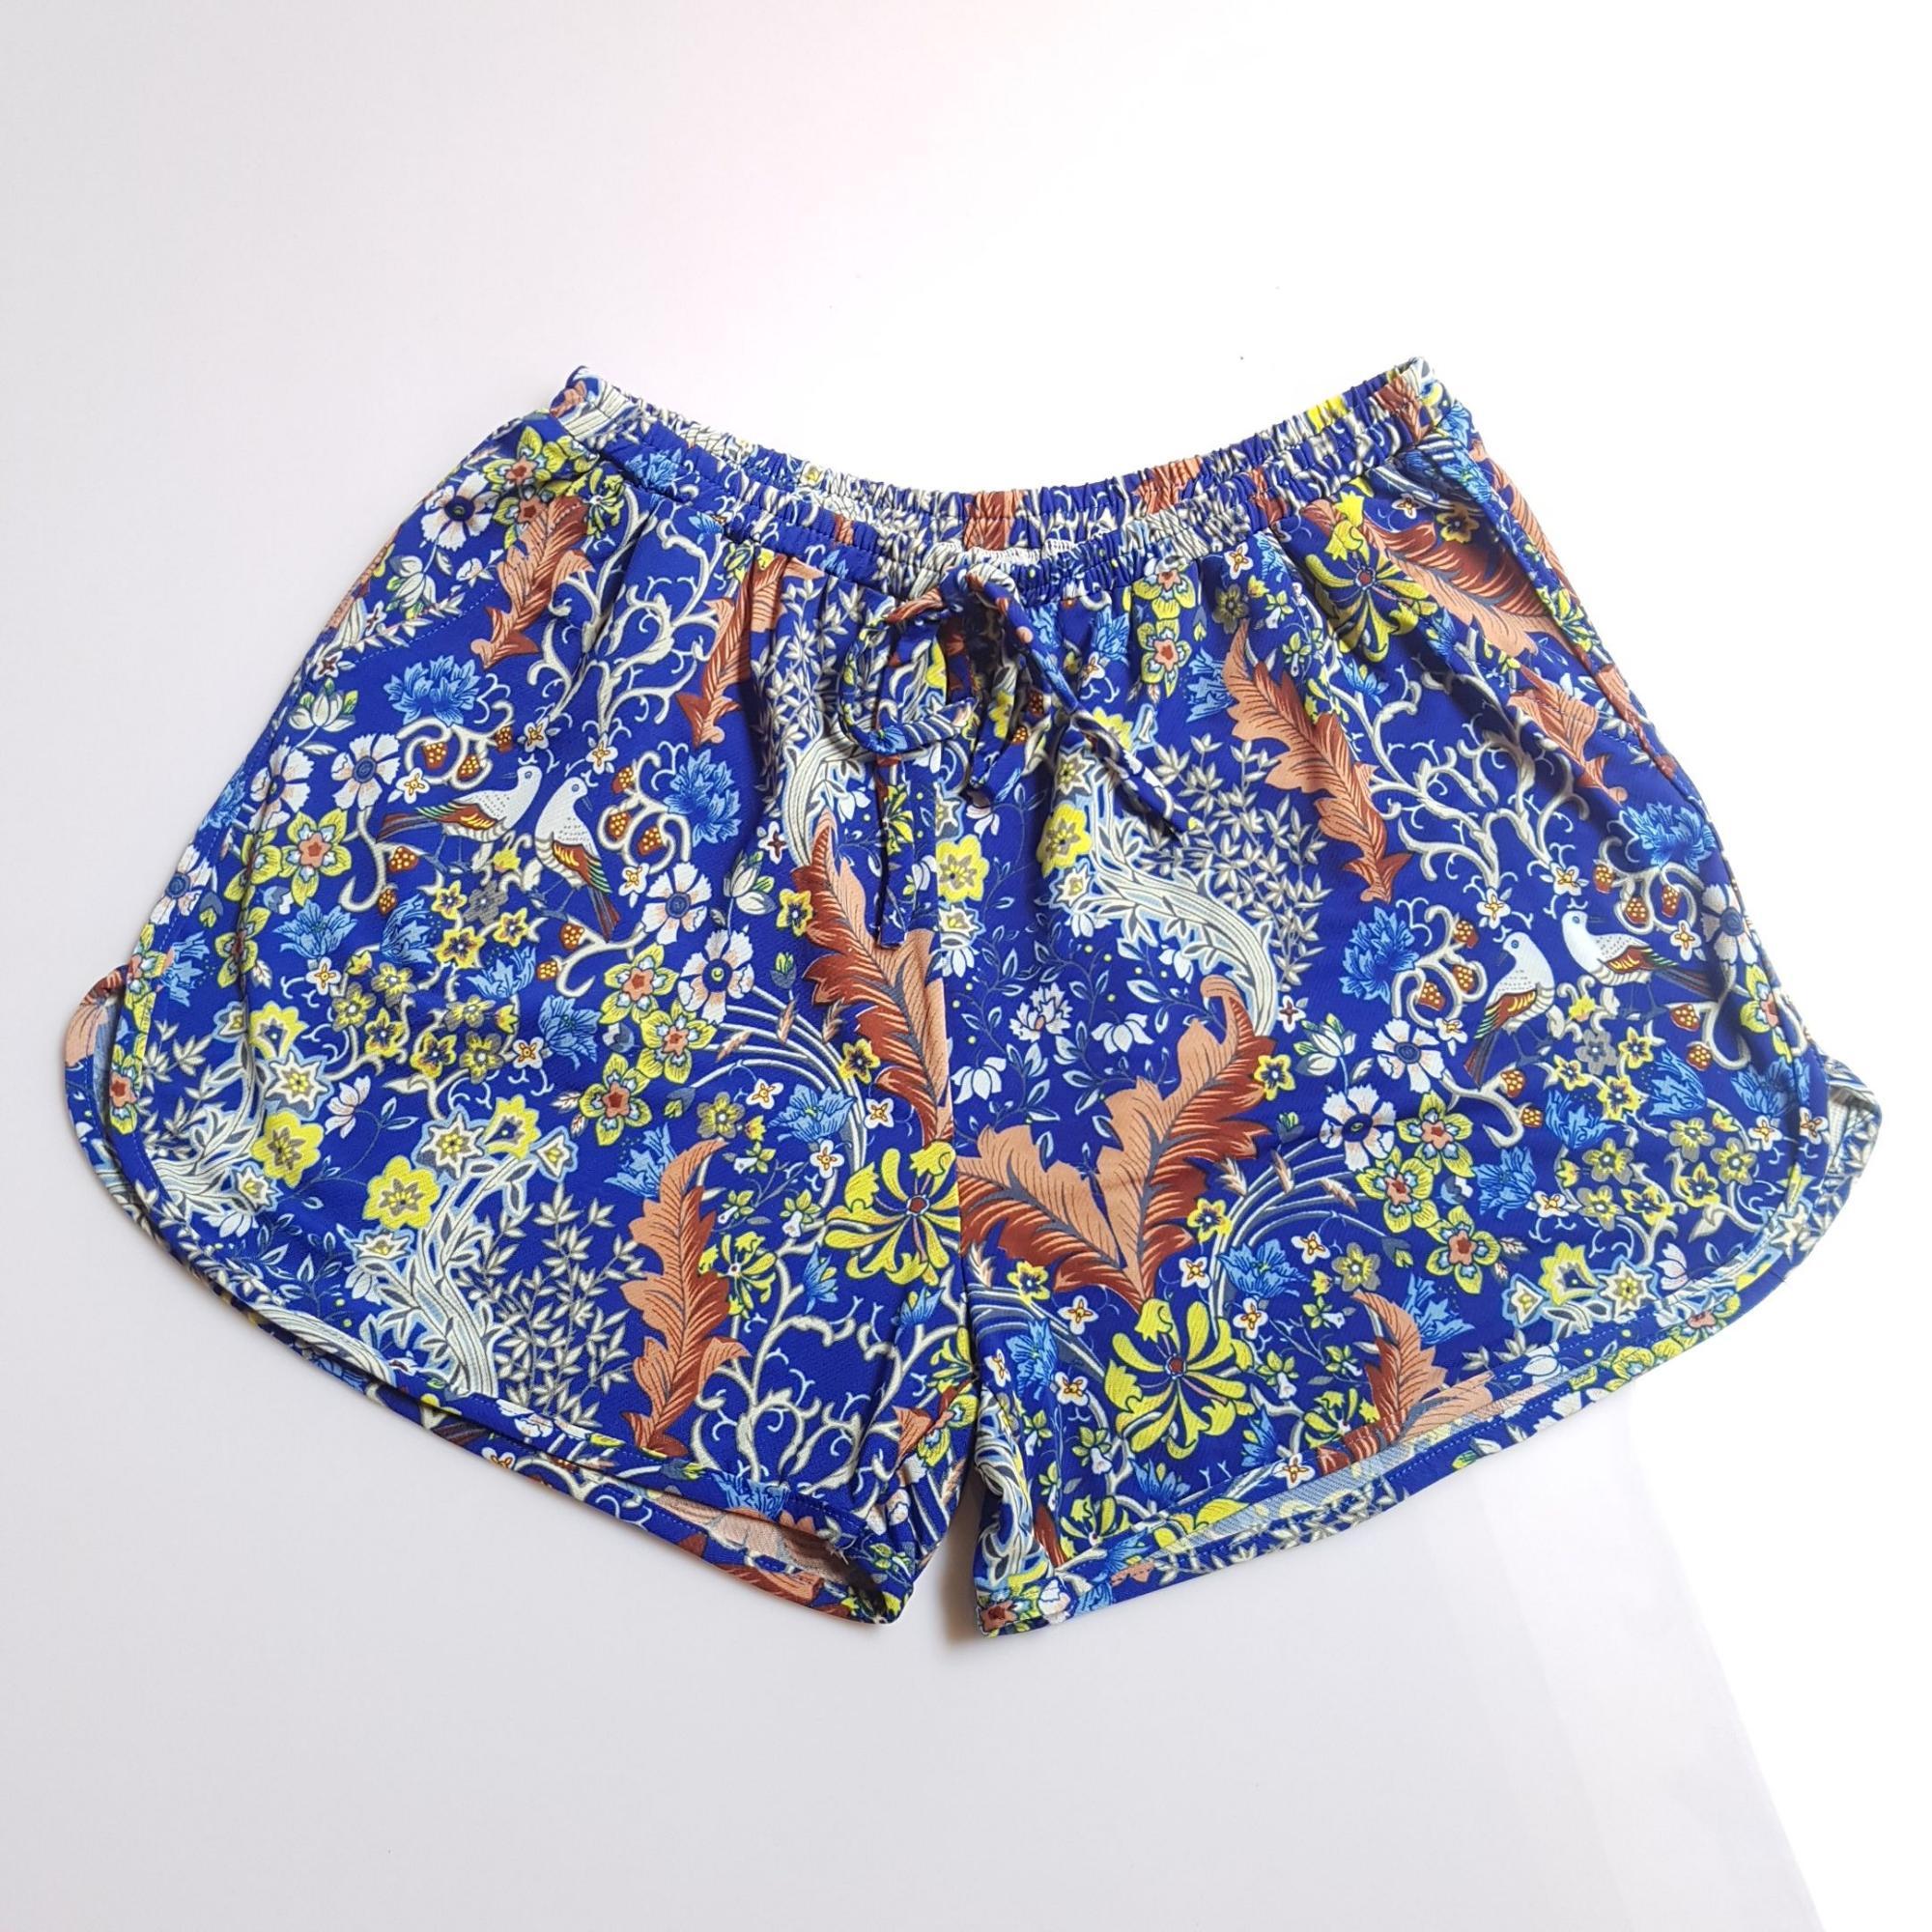 Quần shorts Big Size cho nữ 60 – 75kg